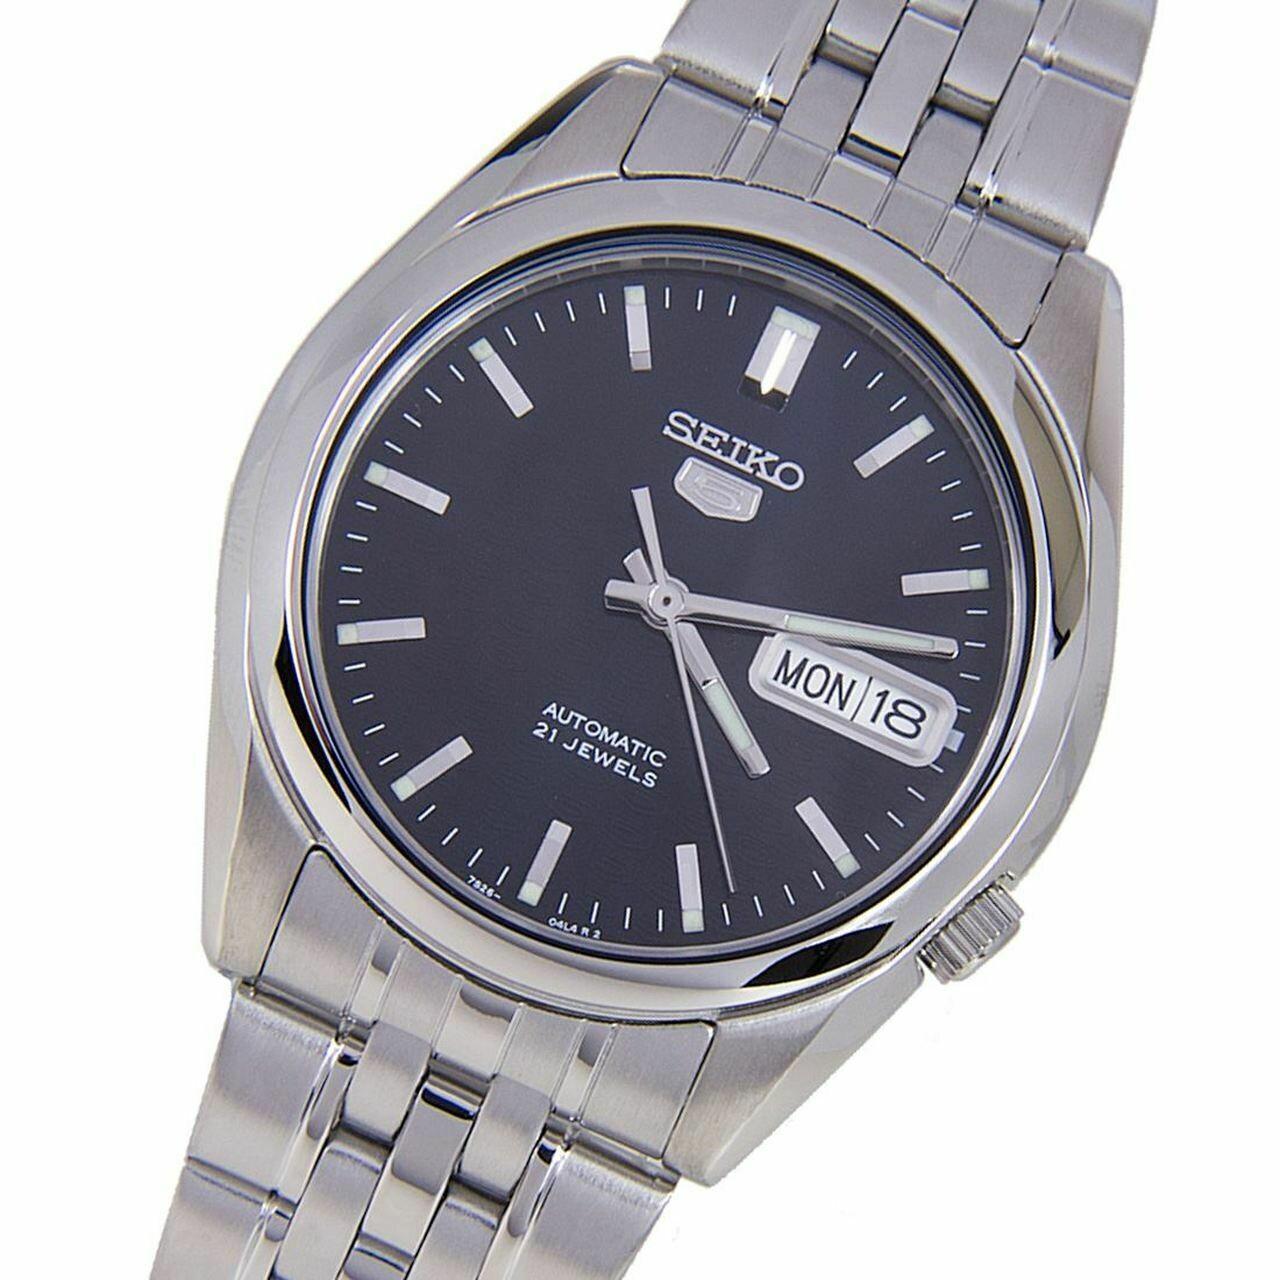 Reloj Automático Hombre Seiko 5 SNK357K1 dial azul oscuro correa acero